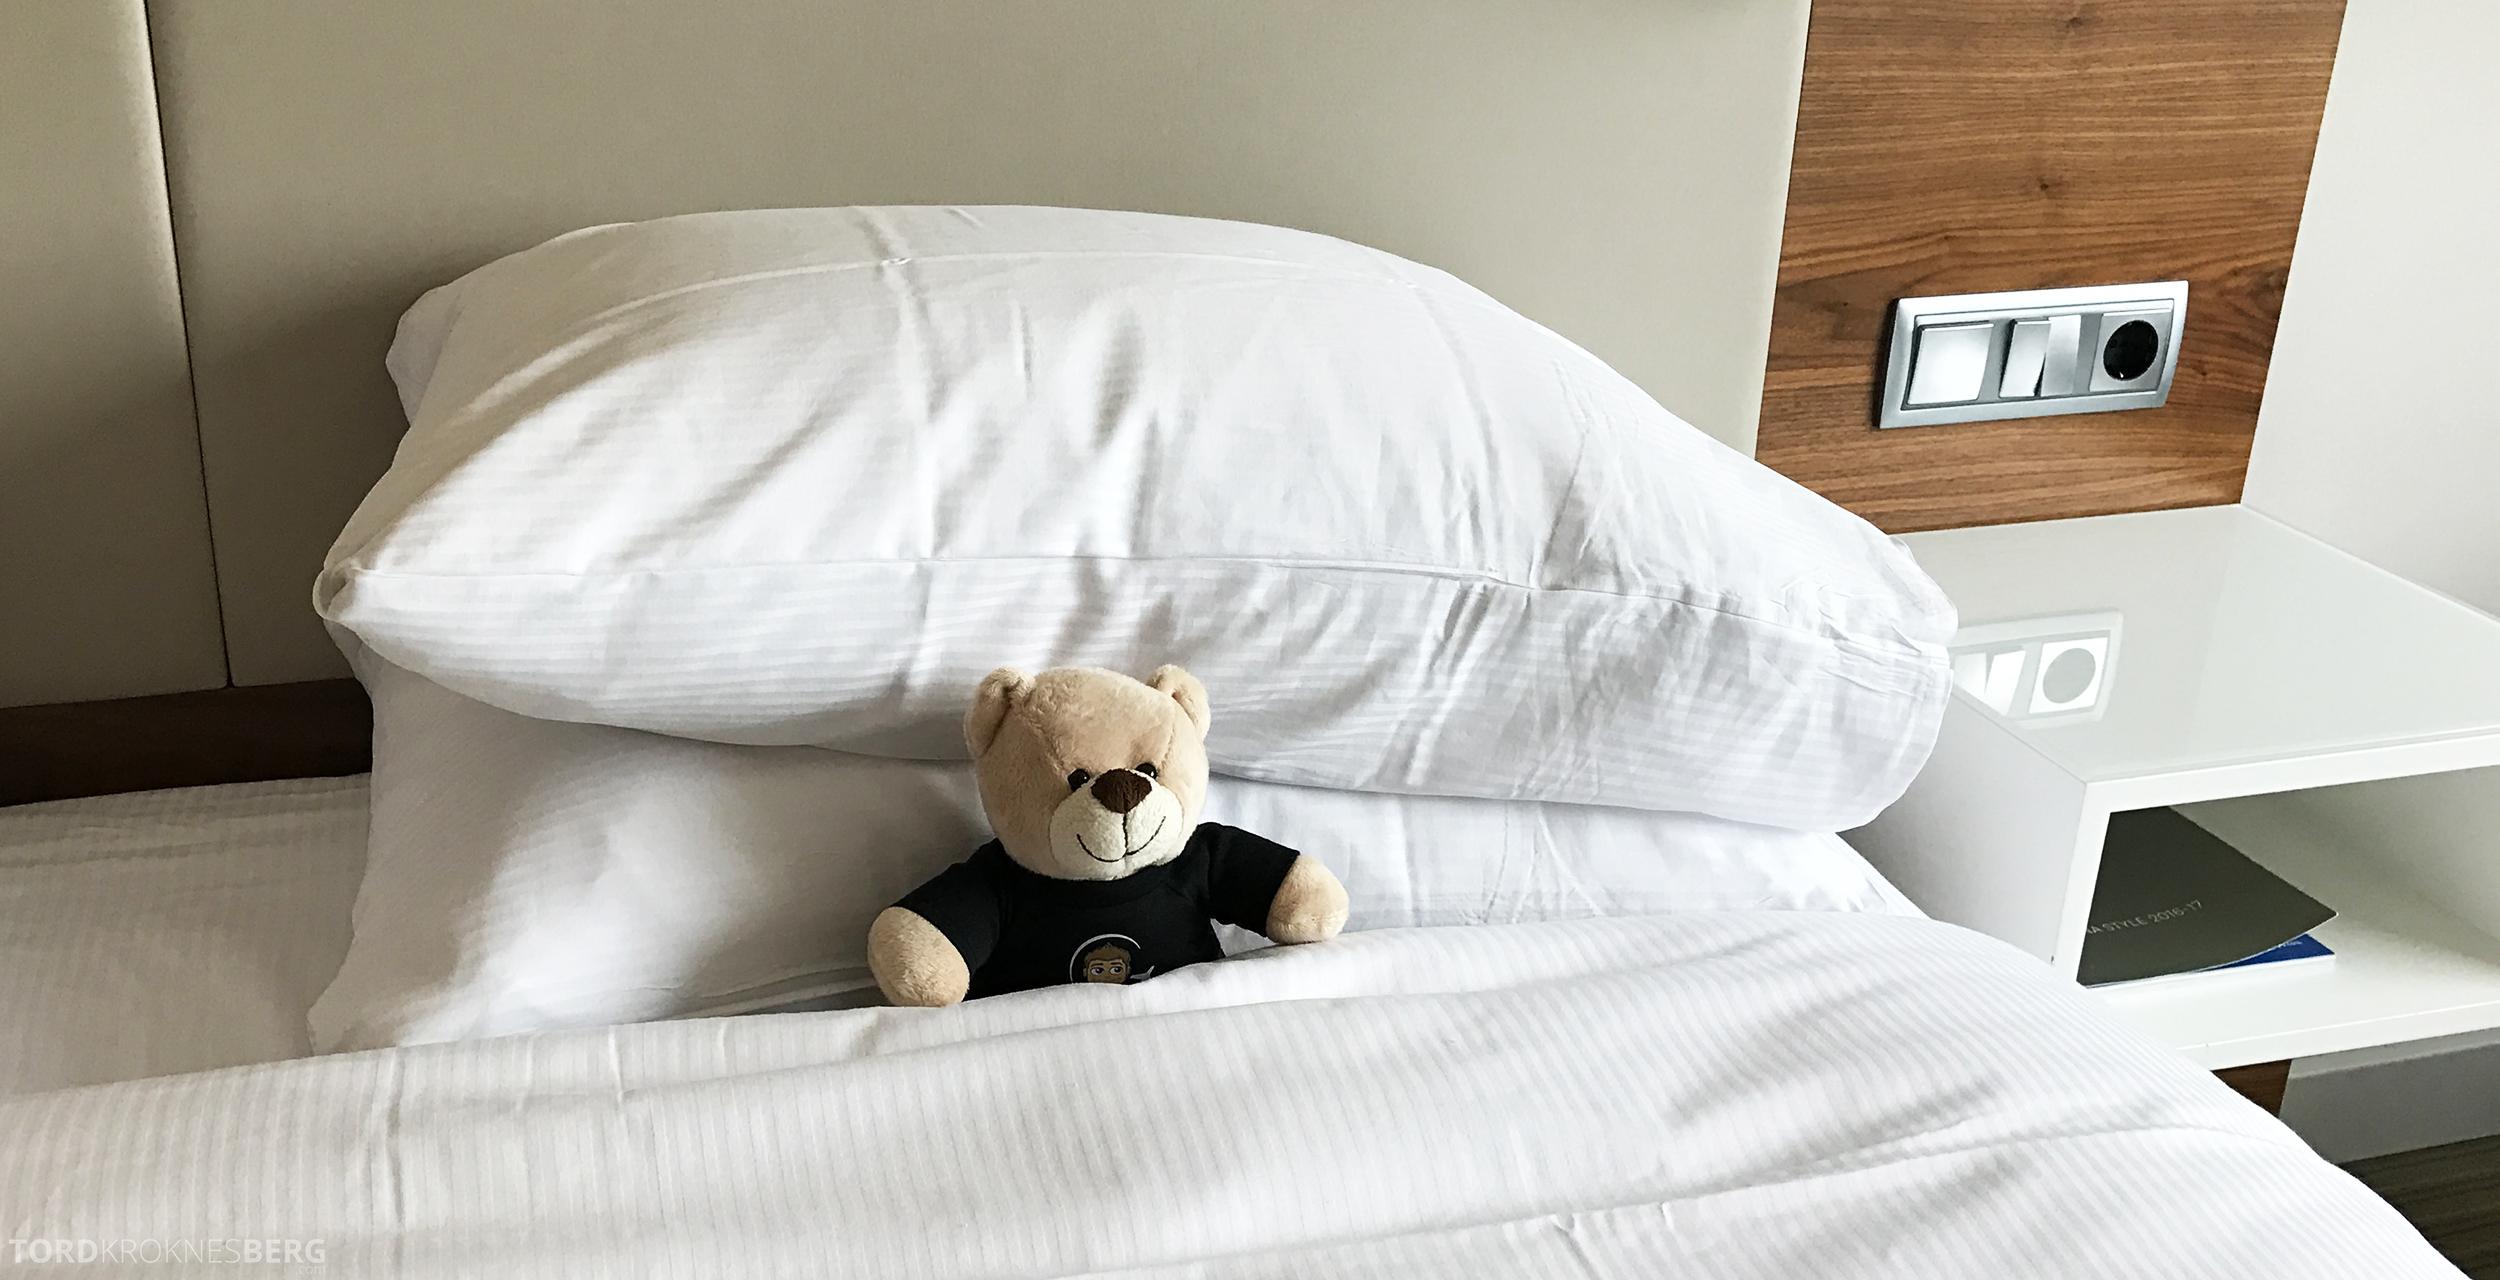 Hilton Barcelona reisefølget seng